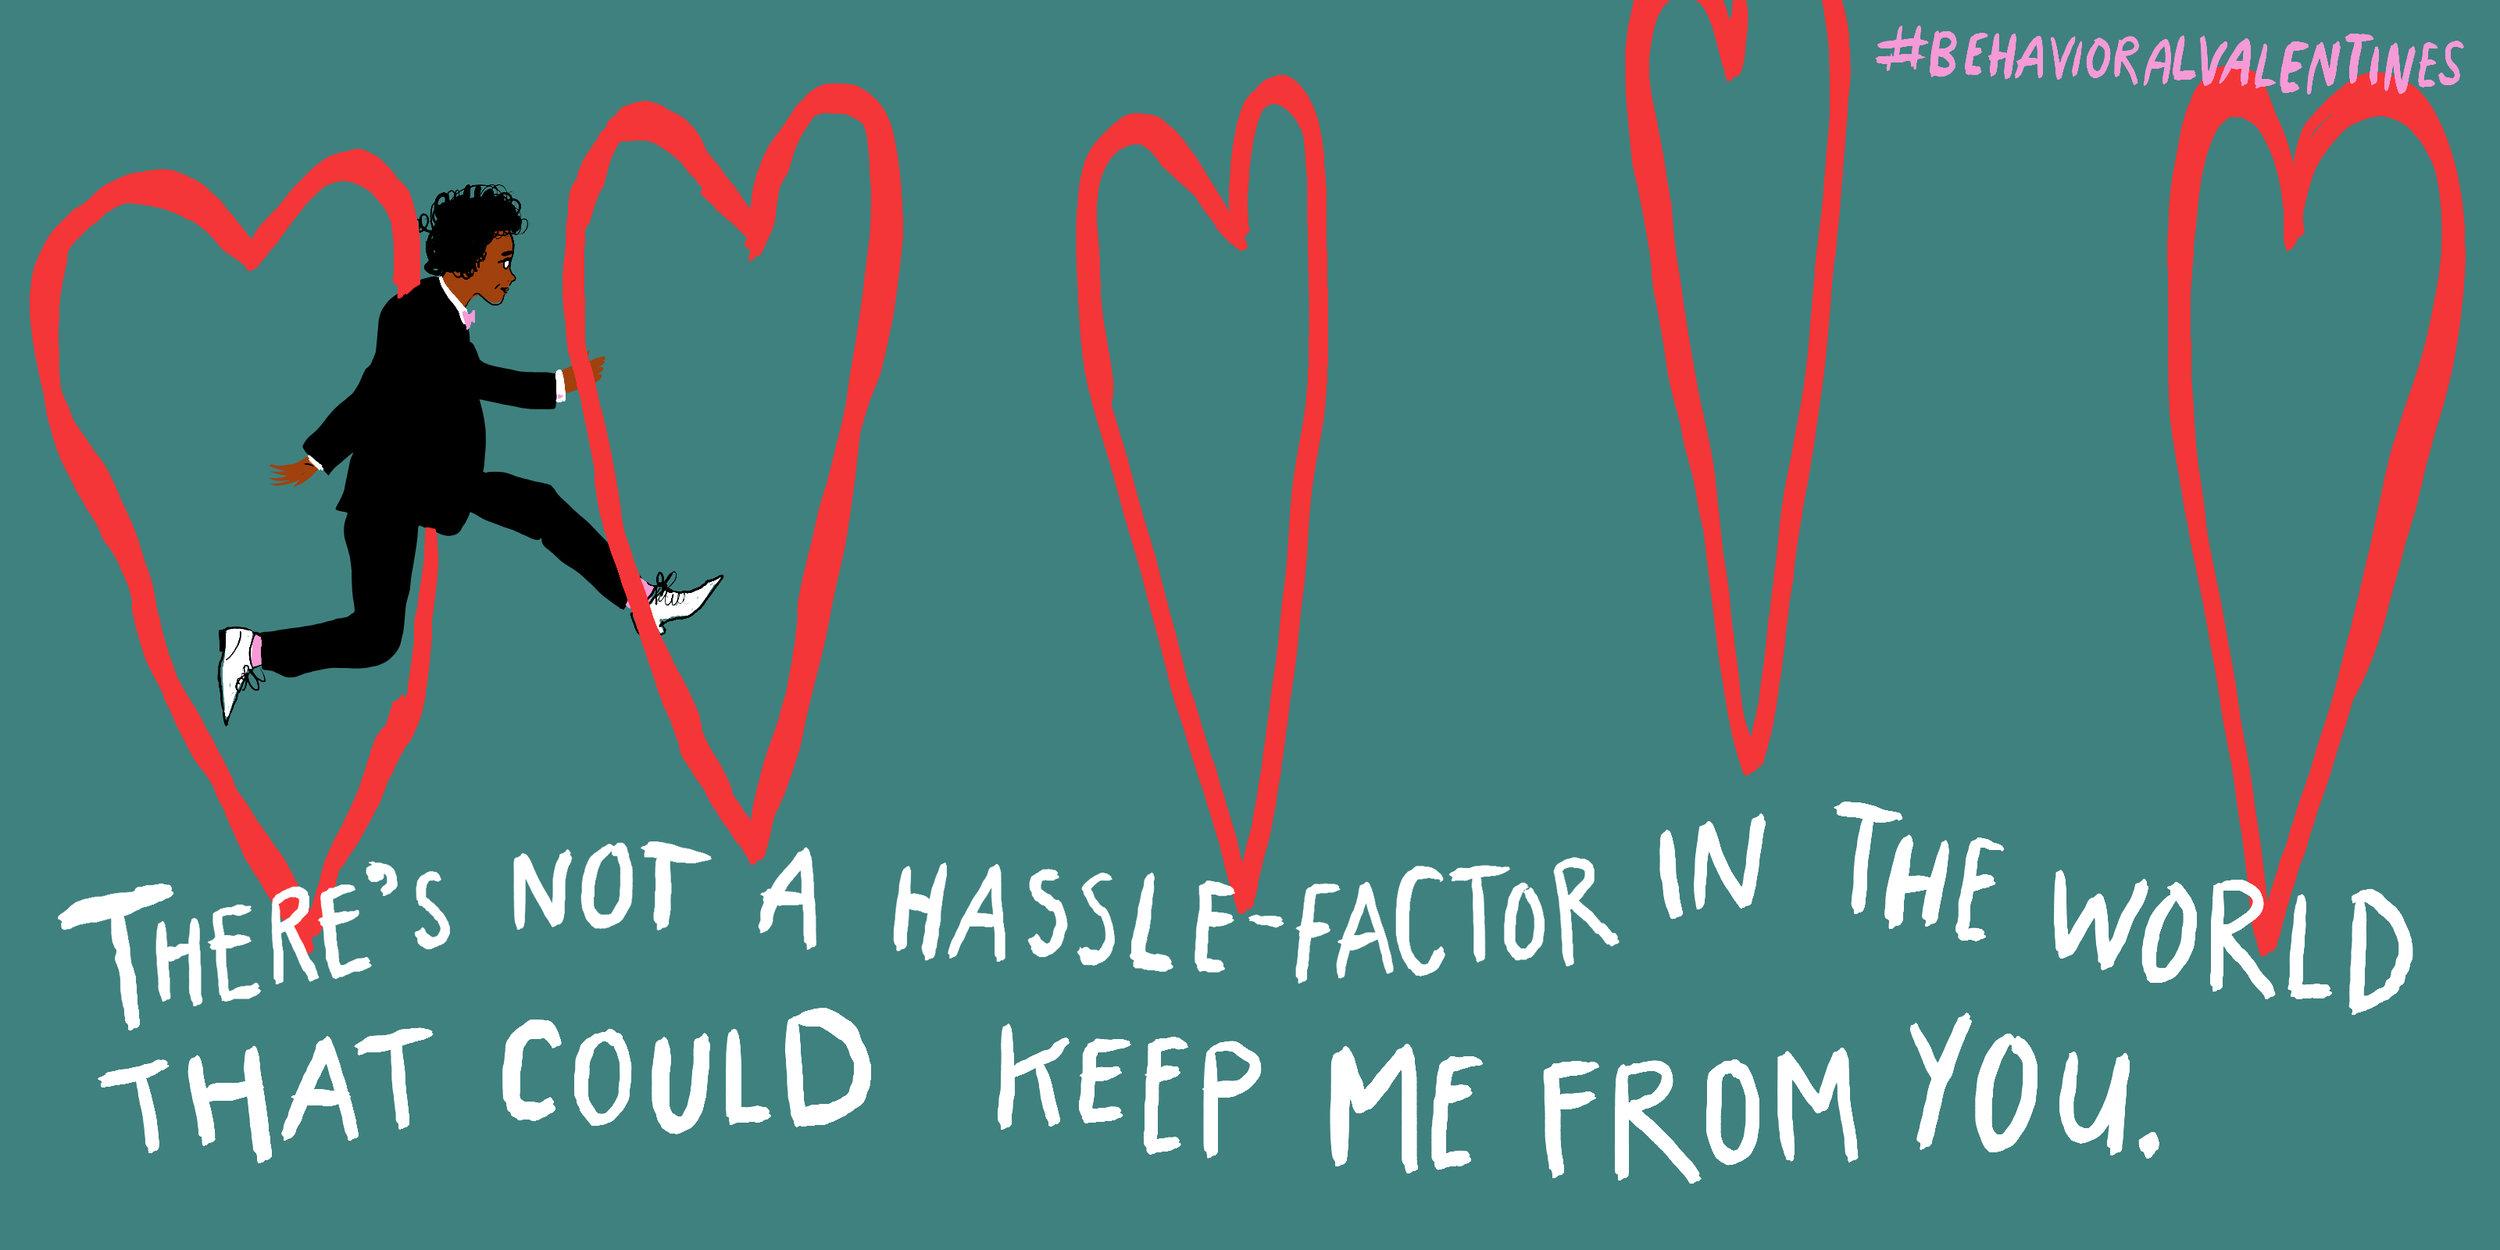 hasslefactor.jpg